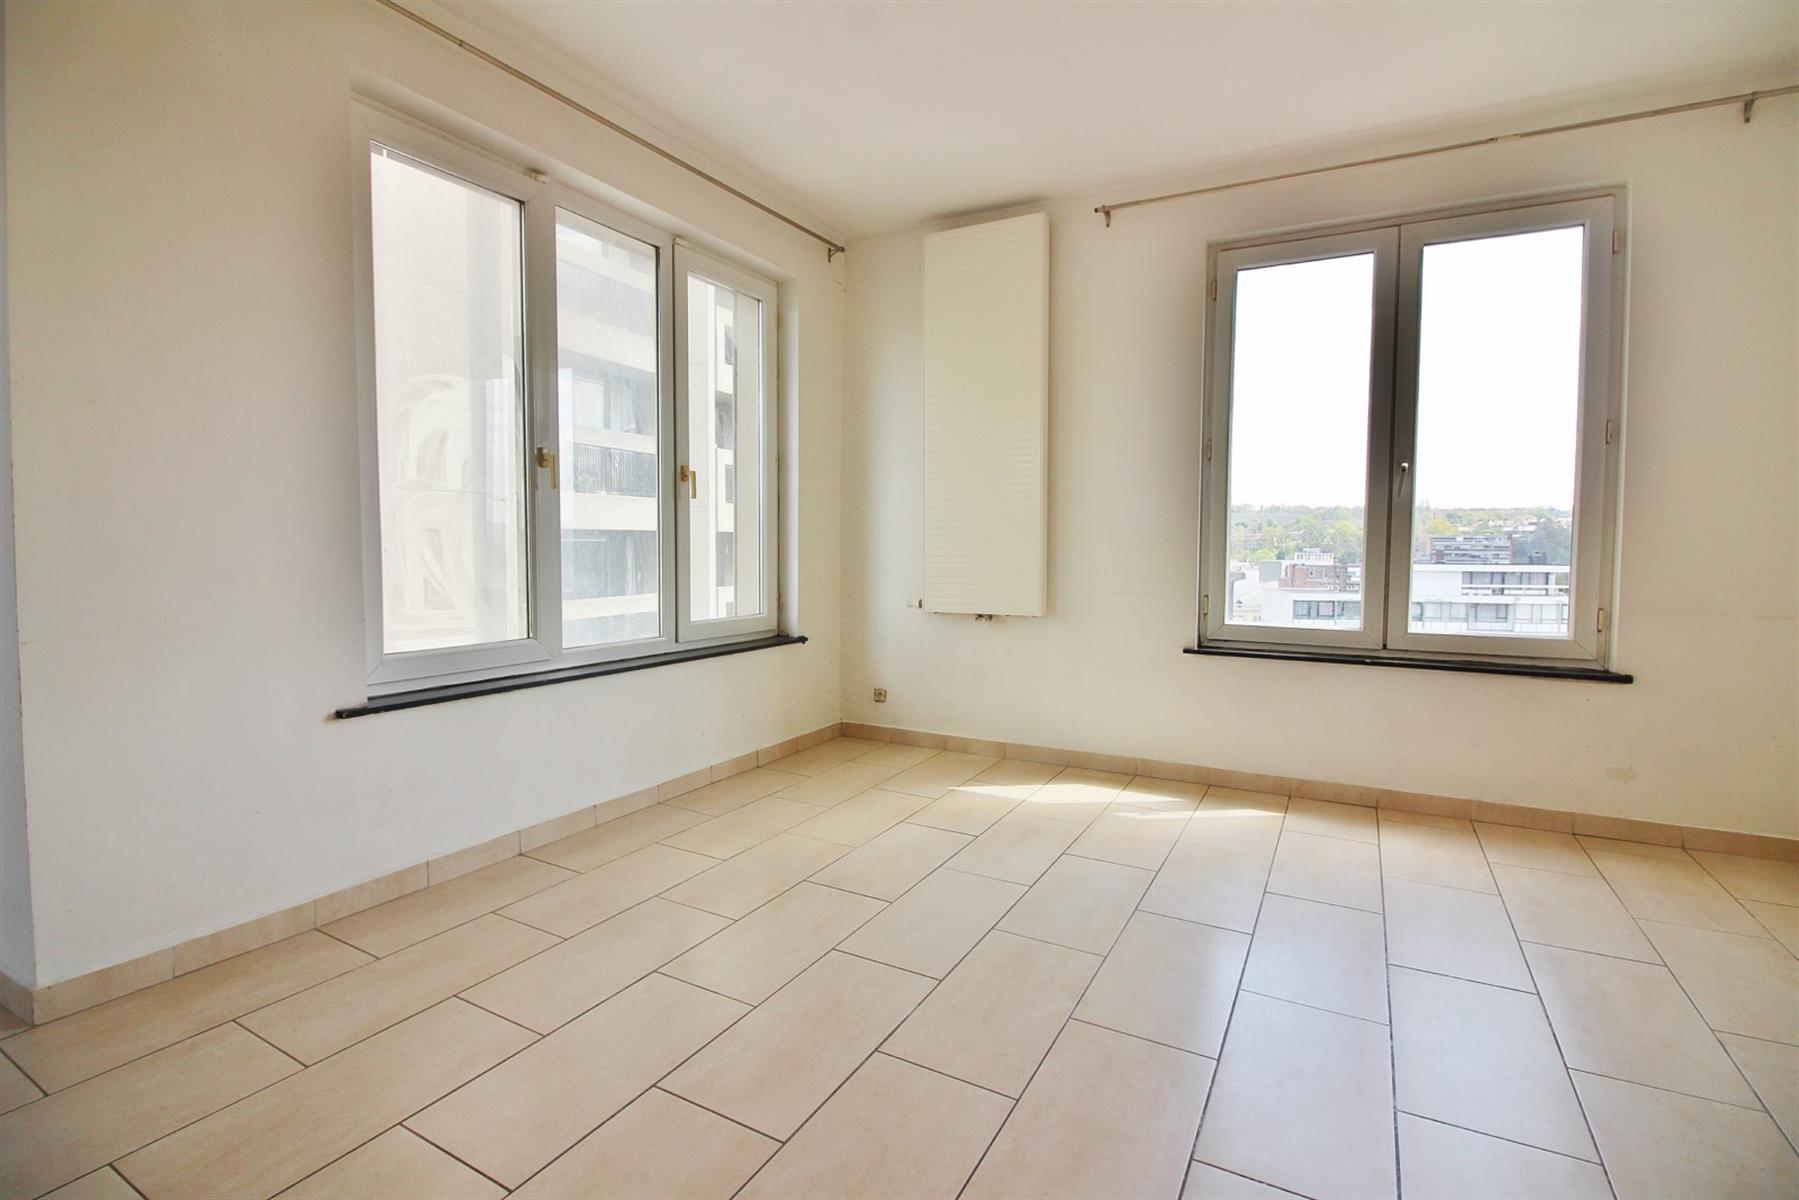 Appartement - Liege - #4394490-4